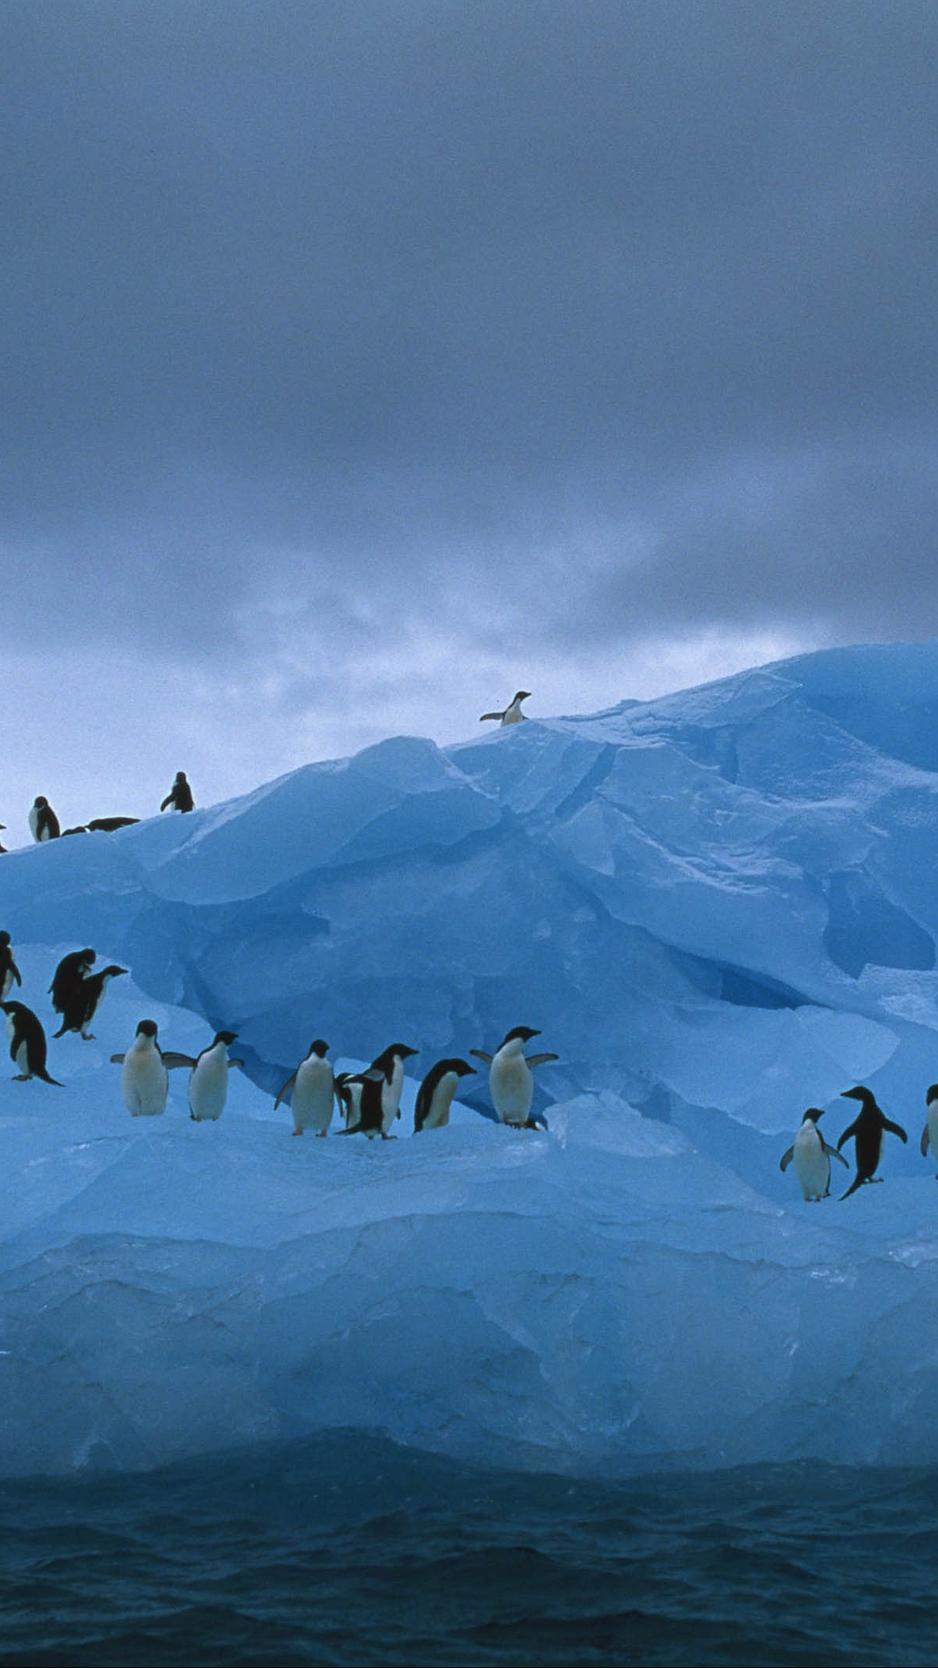 Download wallpaper 938x1668 penguins iceberg ocean iphone 876s 938x1668